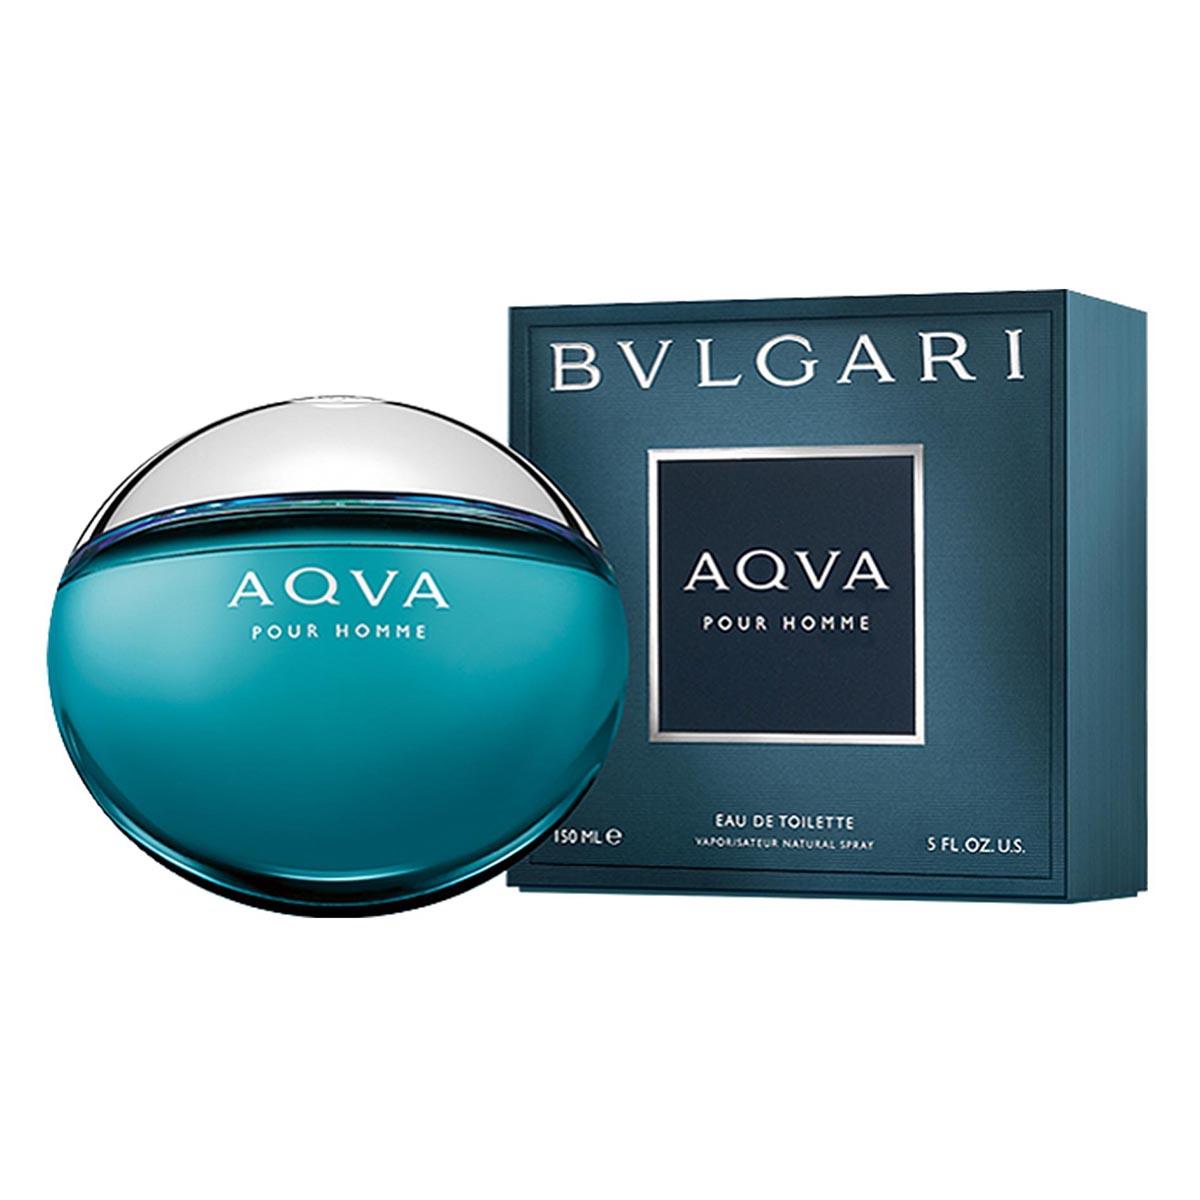 Bvlgari aqva pour homme eau de toilette 150ml vaporizador